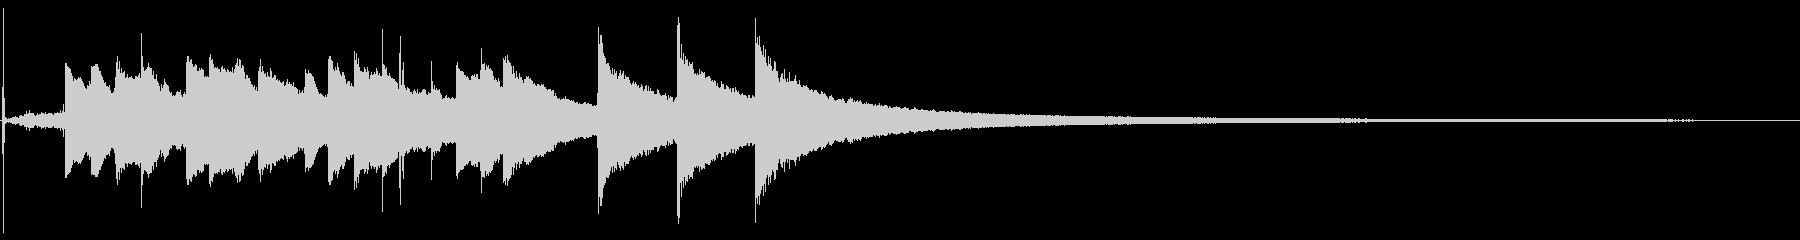 マントルチャイムクロック:大:スト...の未再生の波形